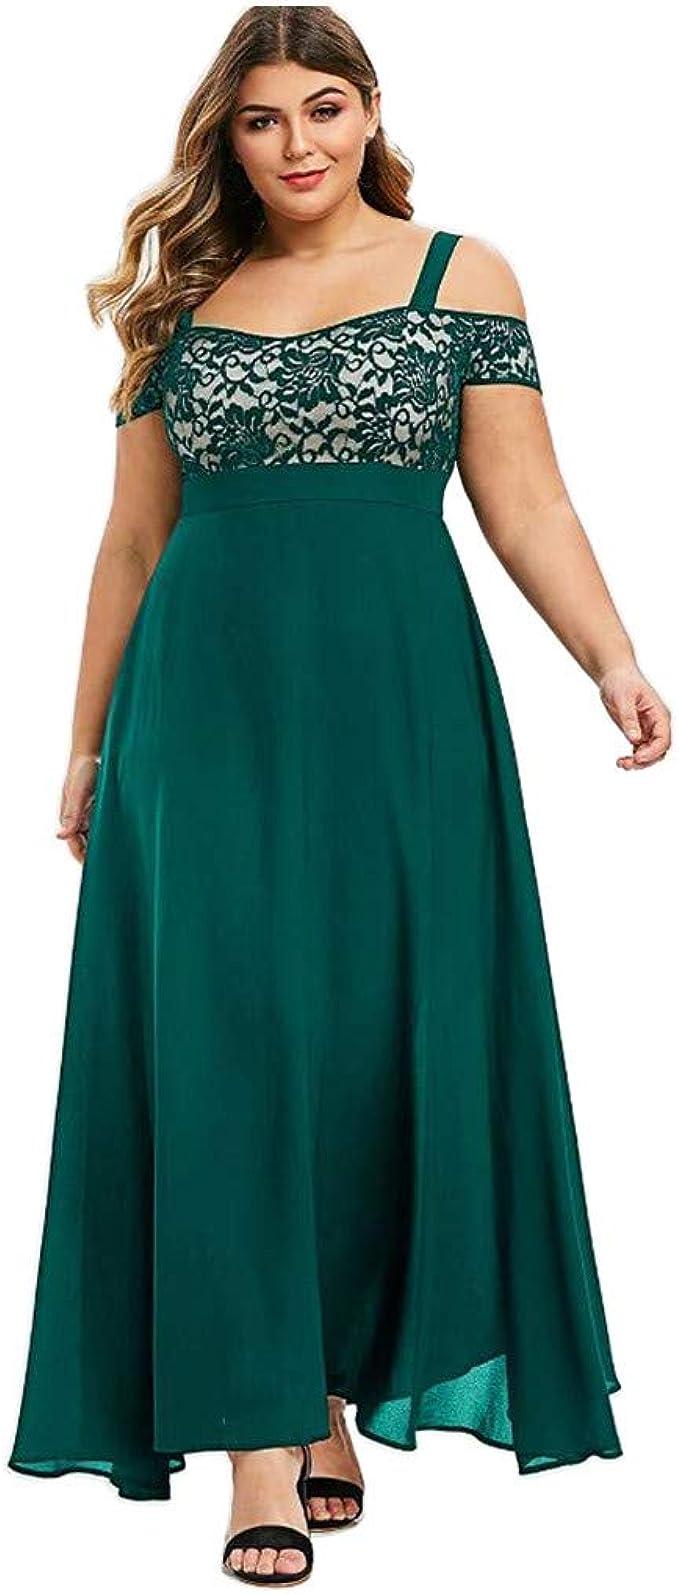 LOPILY Abendkleid Damen Große Größen Off Shoulder Spitzenkleid Bodenlang  Volant Maxikleid Schulterfrei Elegant Cocktailkleid Hoch Tailliert  Festkleid